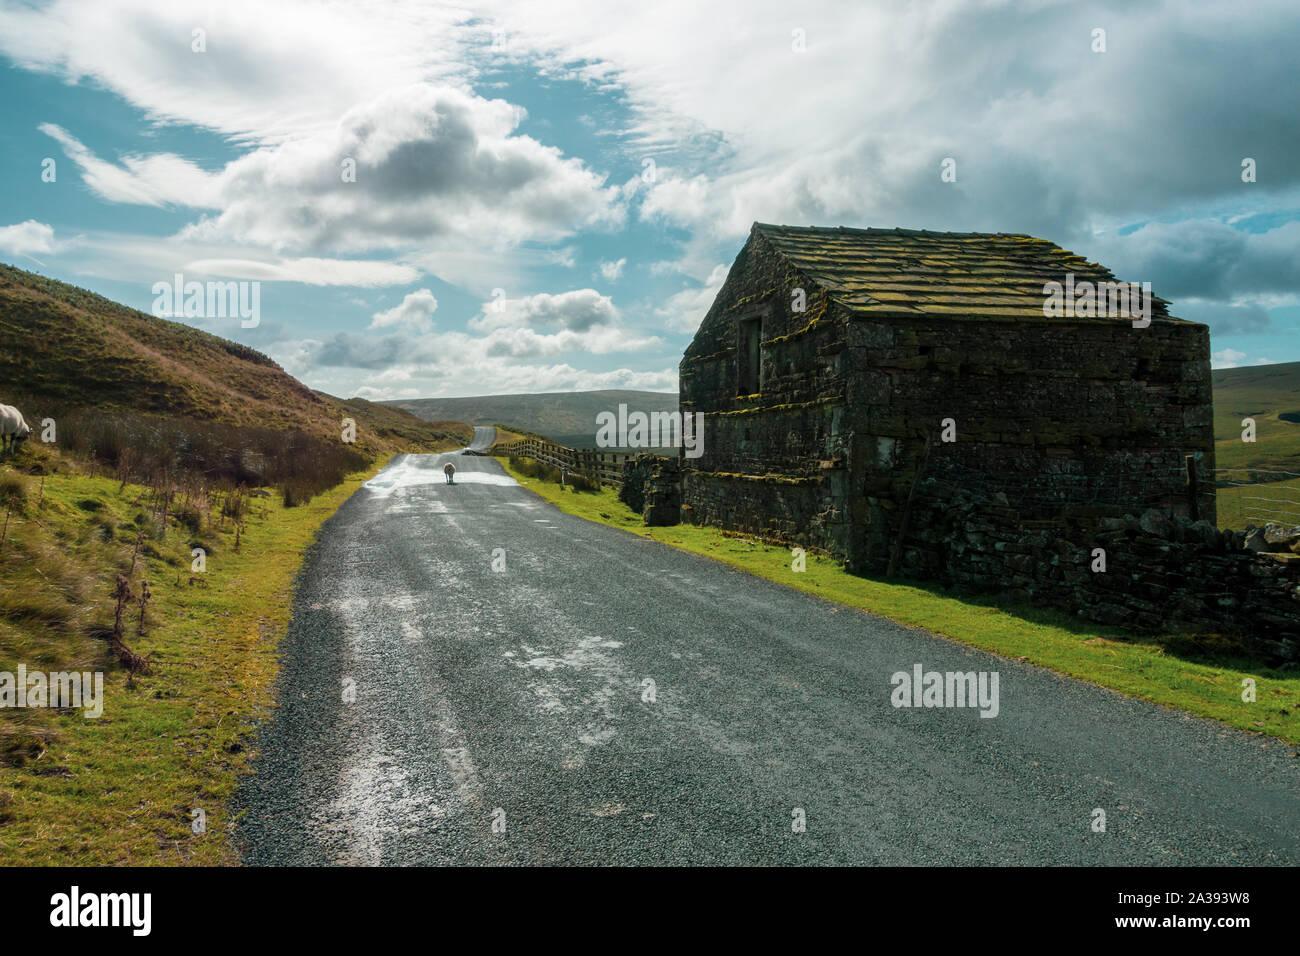 Ancienne grange en pierre et des moutons sur la route dans la région de Birkdale Swaledale sur la B6270 au-dessus Nateby, Yorkshire Dales Banque D'Images